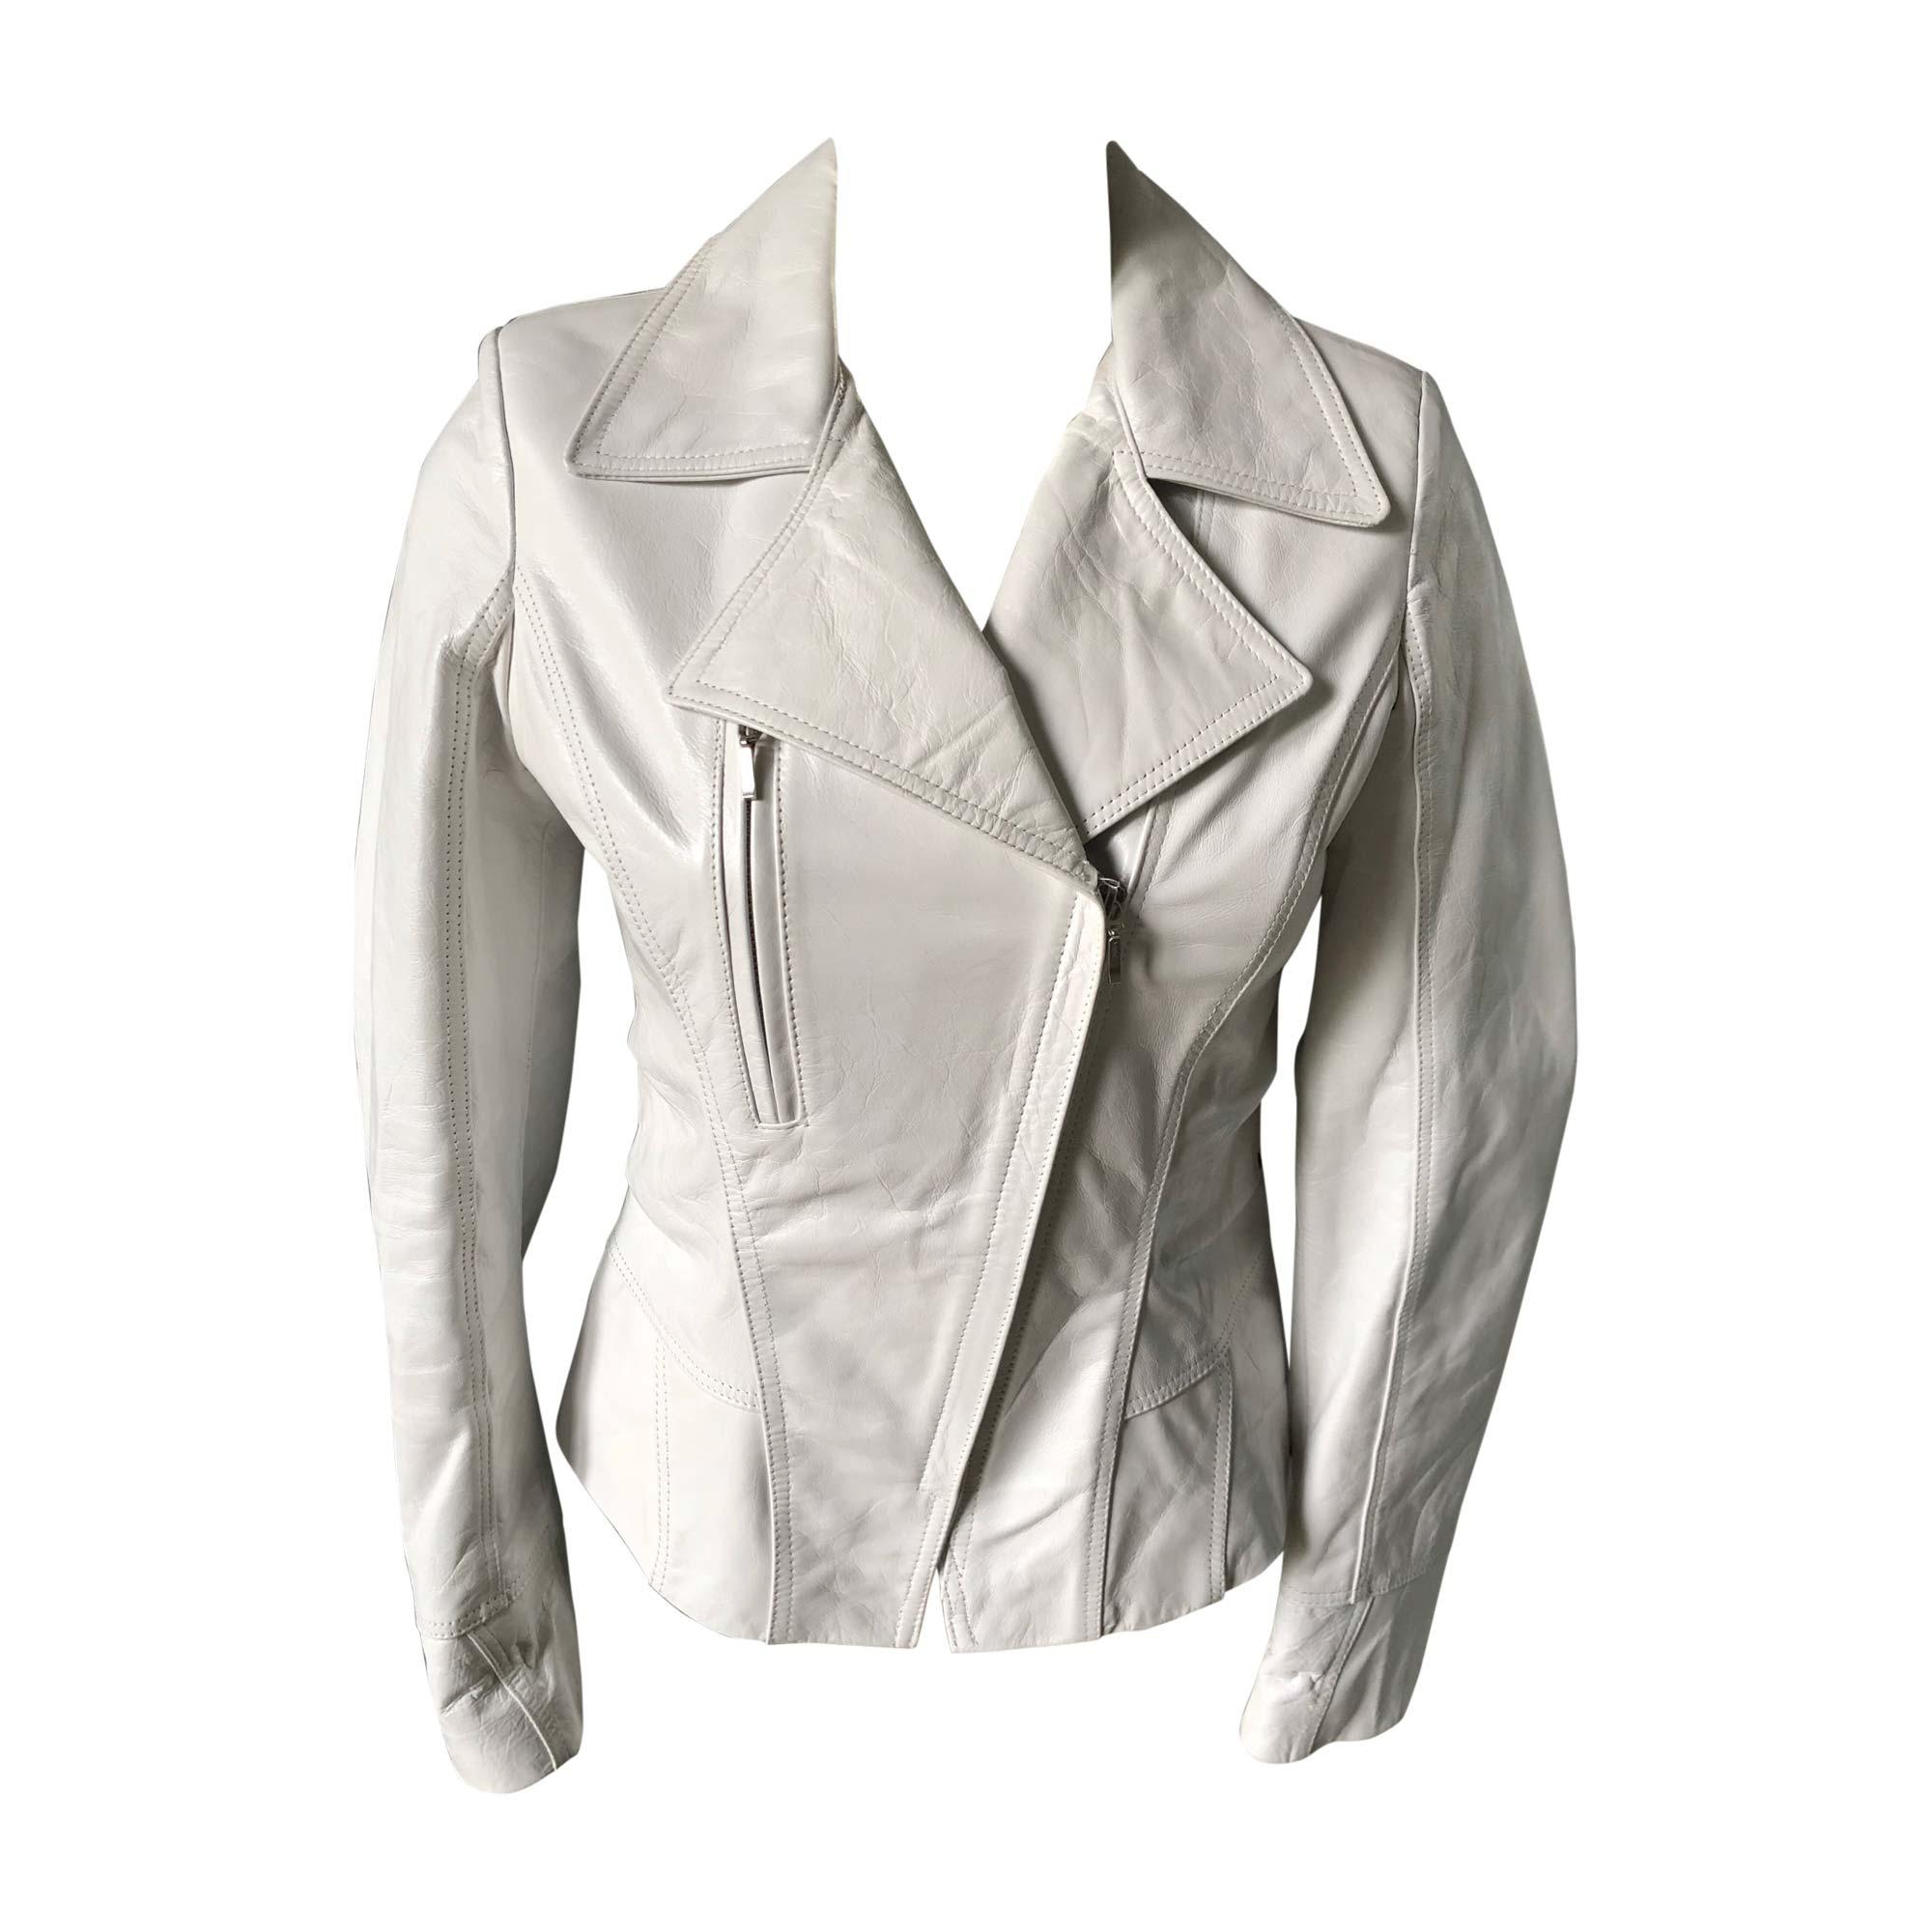 Veste en cuir INTUITION Blanc, blanc cassé, écru